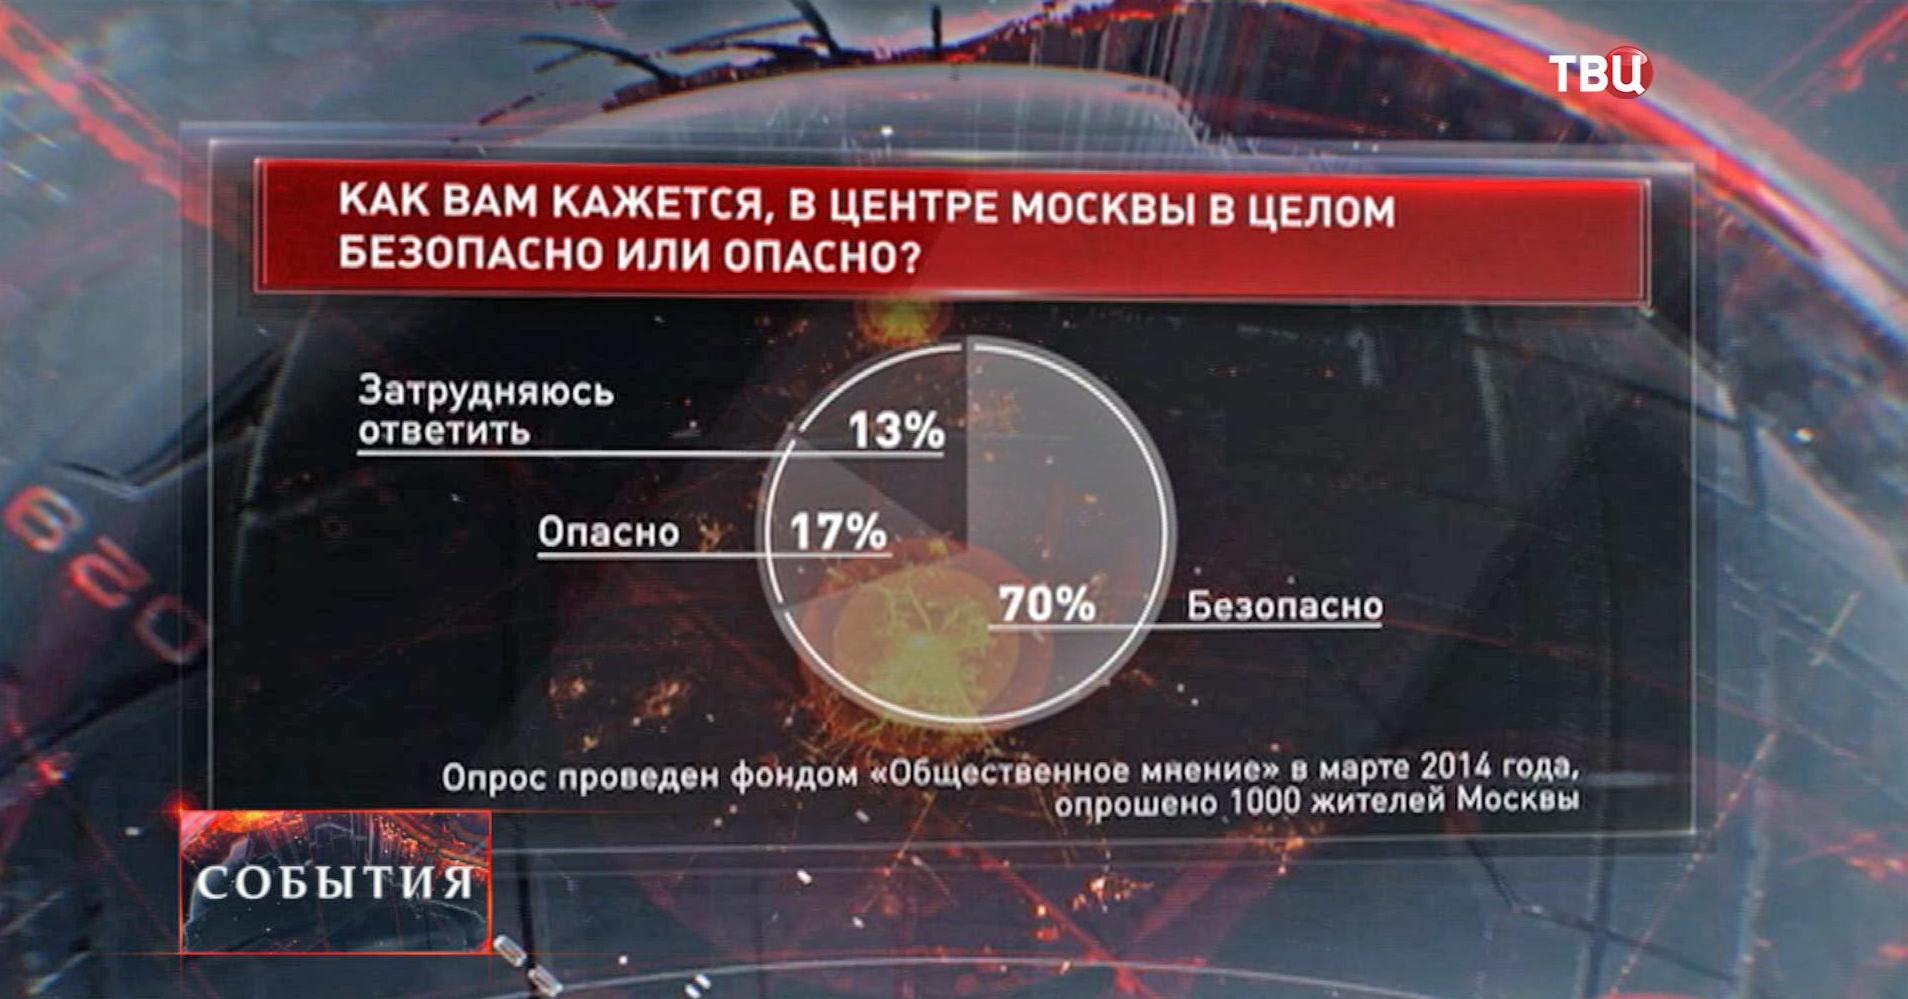 Результаты опроса жителей Москвы